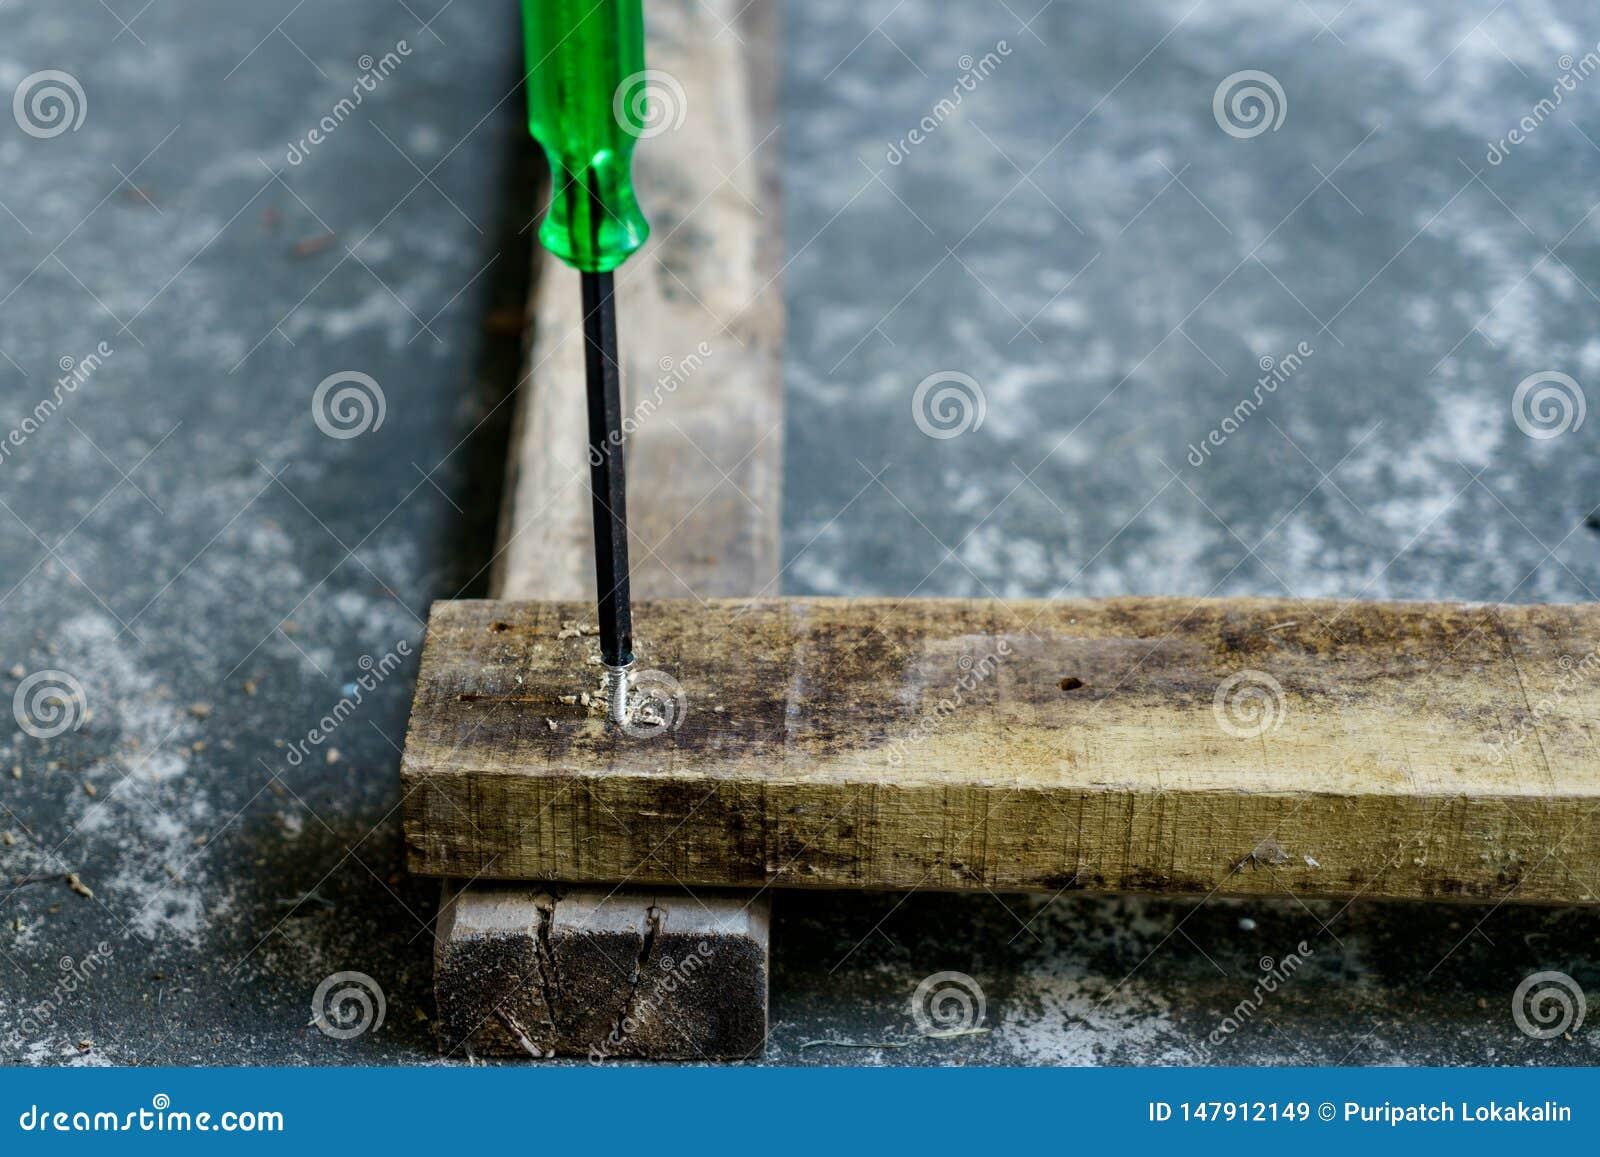 Skruvmejsel, trä och skruv för snickares jobb